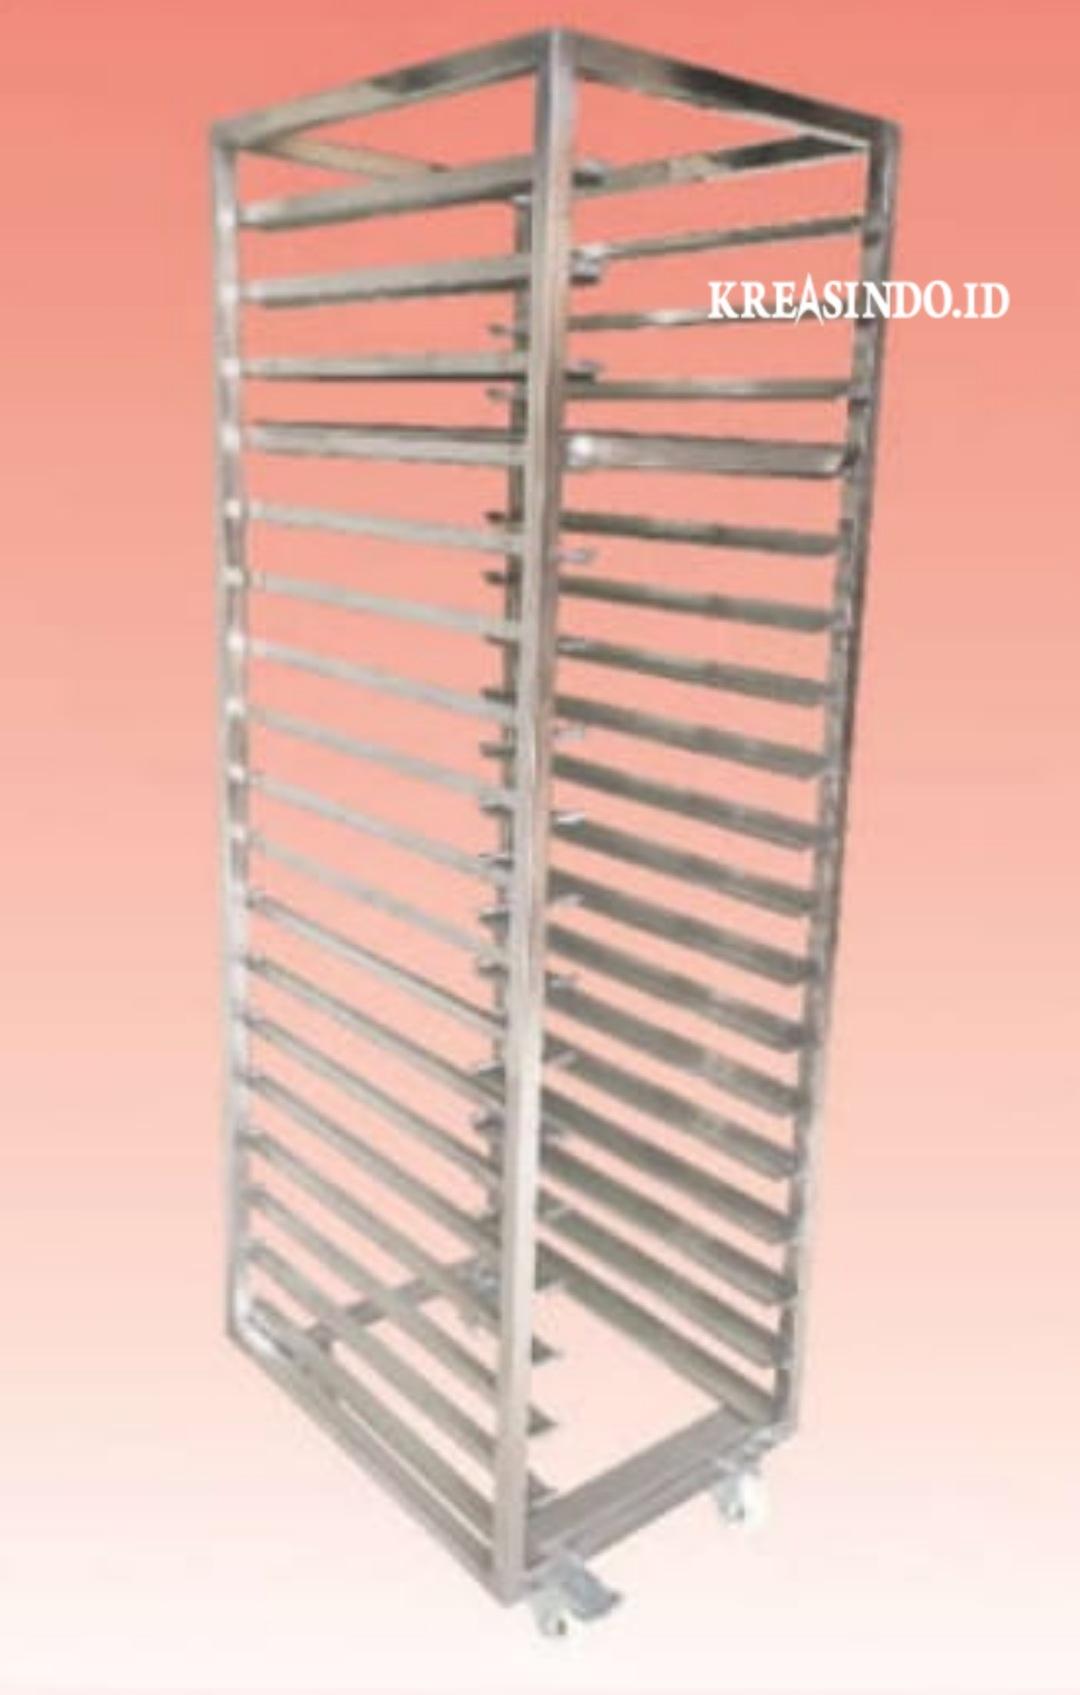 Daftar Harga Jasa  Pembuatan Rack Trolley Bakery atau Rak Makanan